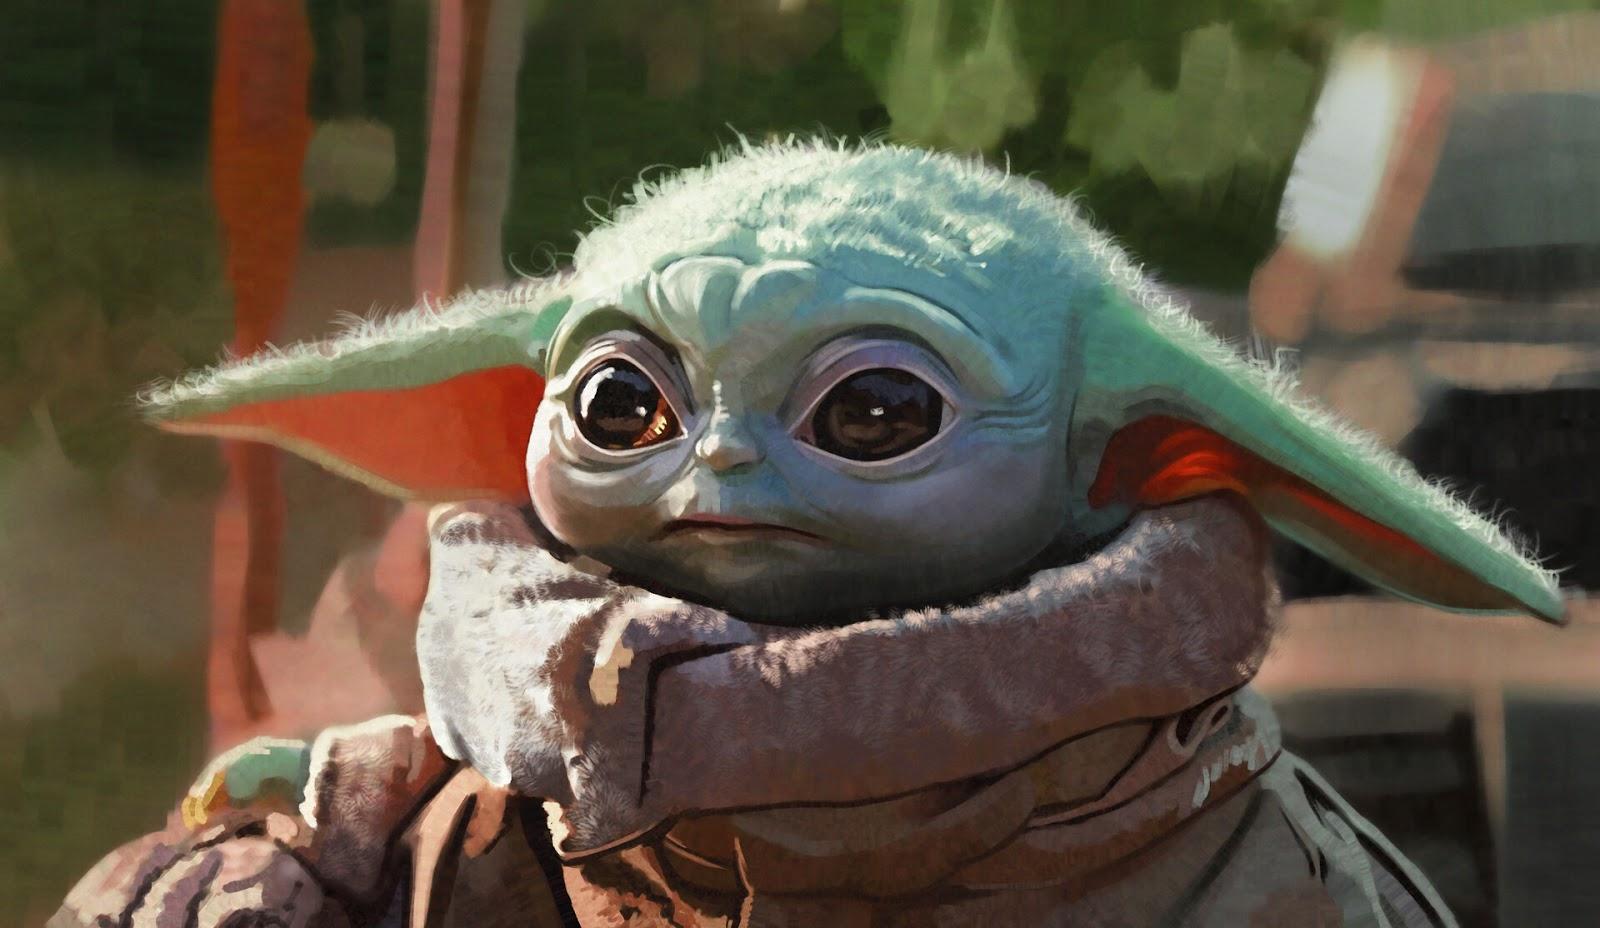 Baby Yoda Wallpaper Baby Yoda Wallpaper 4k 1600x928 Wallpaper Teahub Io